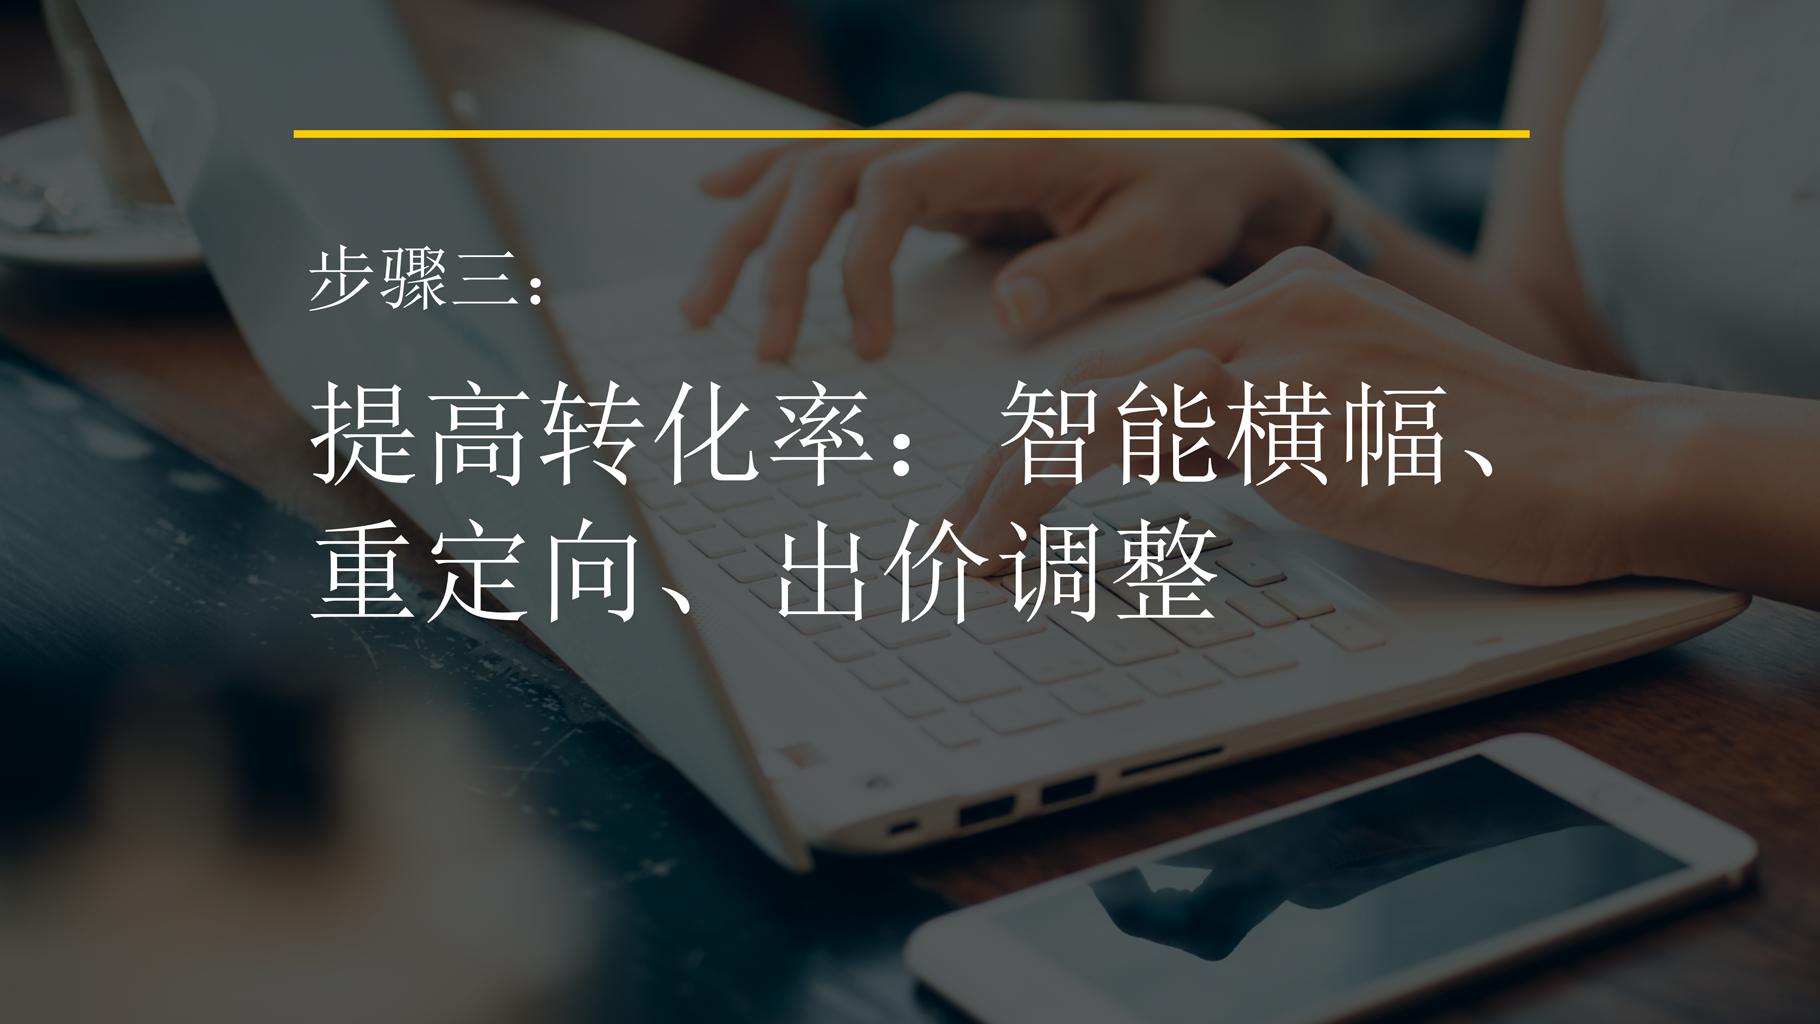 步骤三: 提高转化率:智能横幅、 重定向、出价调整